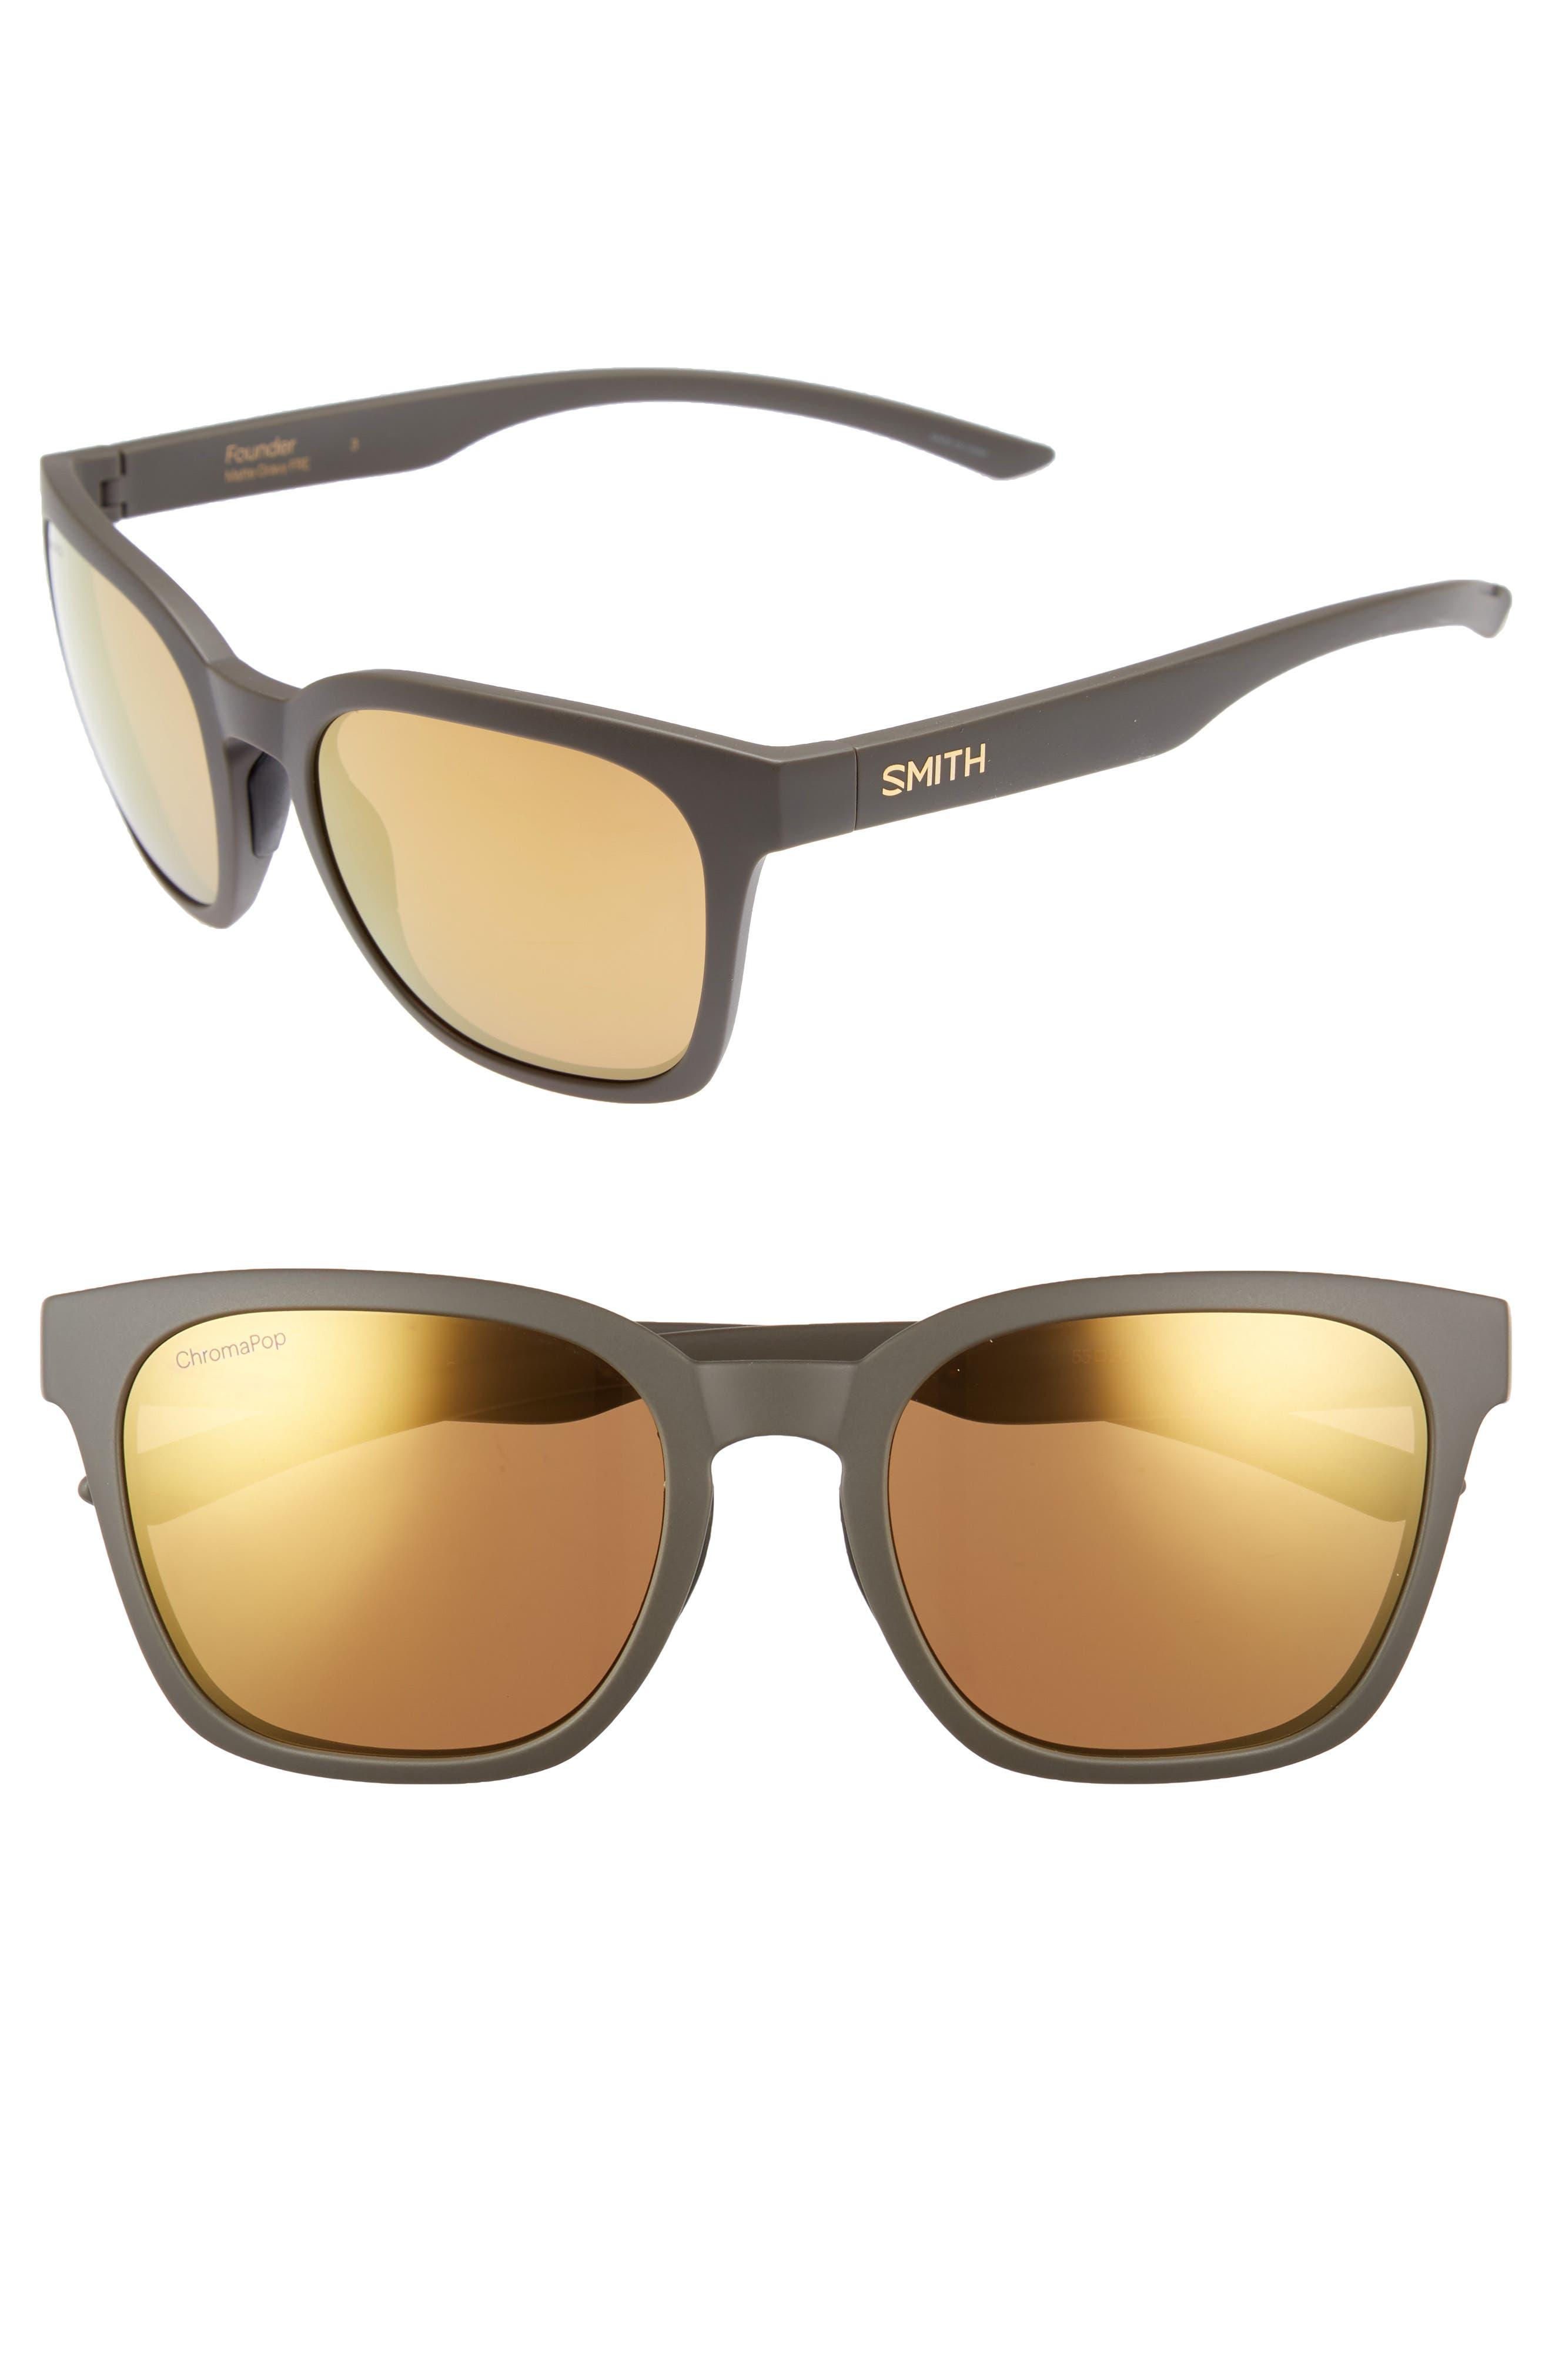 Founder 55mm ChromaPop<sup>™</sup> Polarized Sunglasses,                         Main,                         color, Matte Gravy